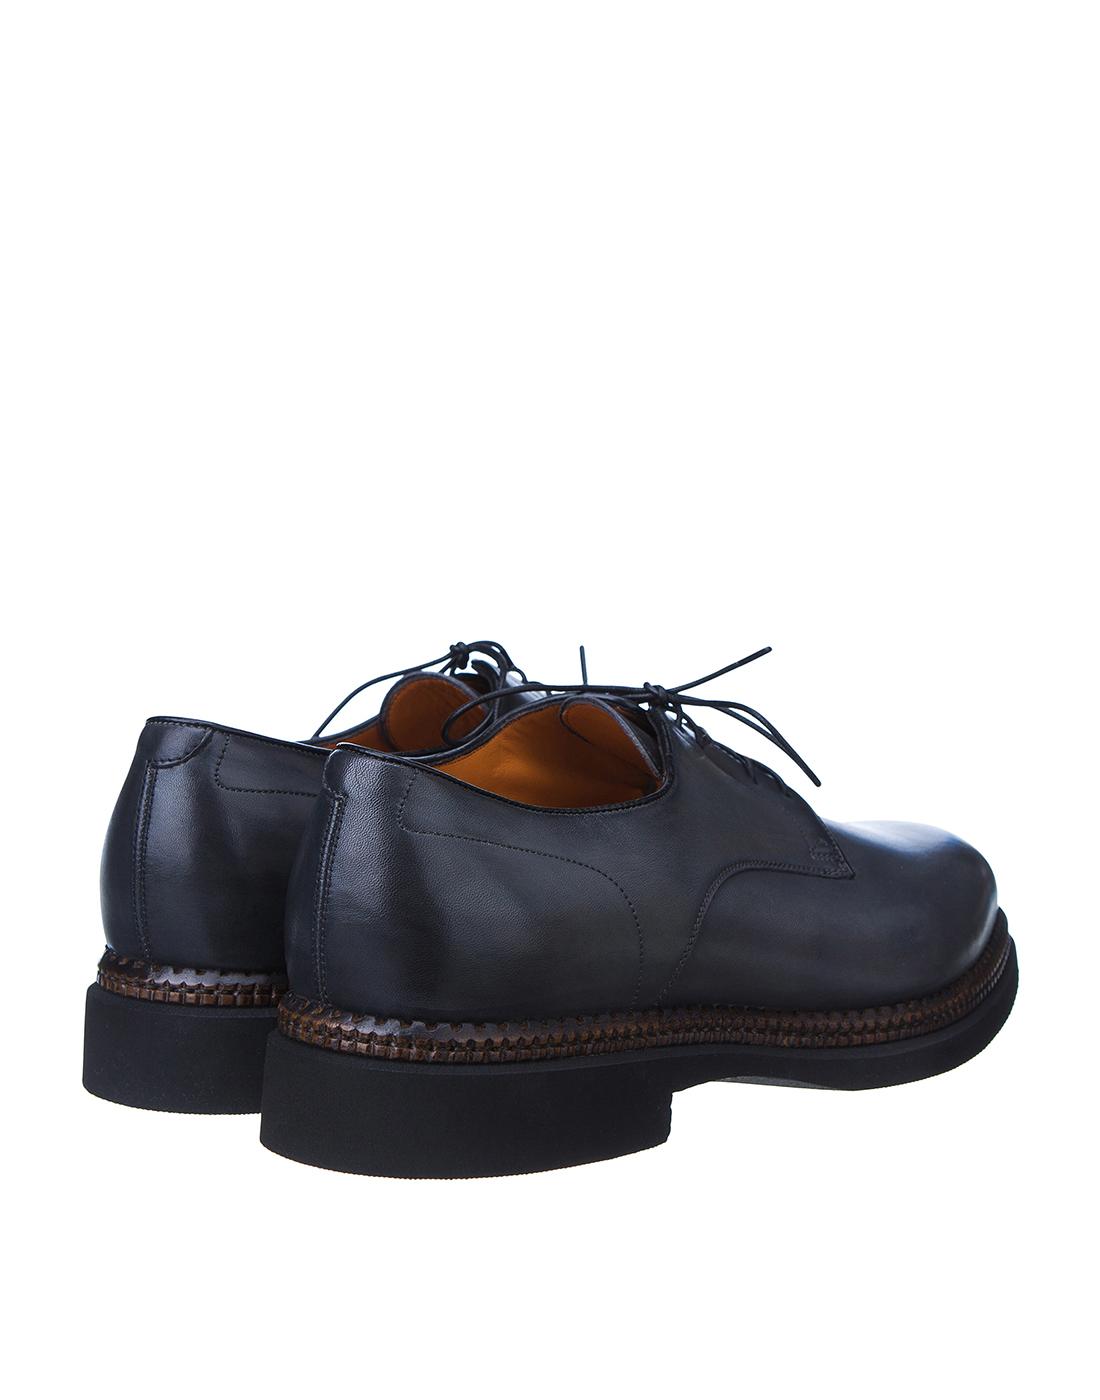 Туфли серые мужские Santoni S16351-3